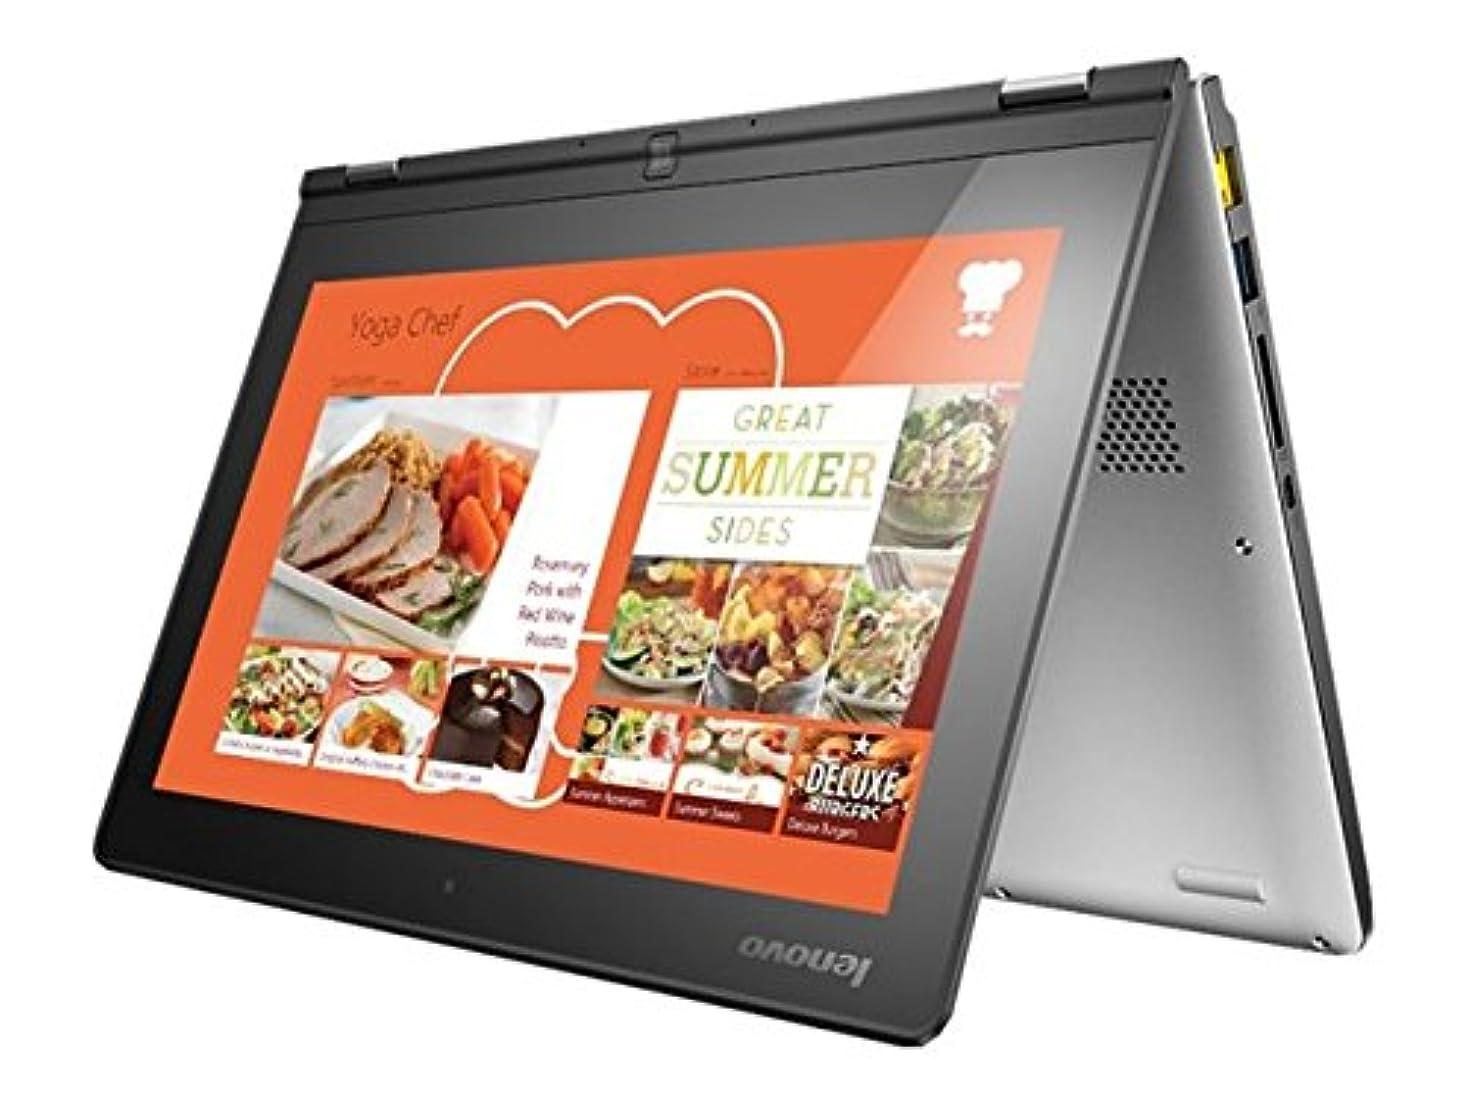 祈りメルボルン崩壊レノボ アイデアパッド ヨガ2 ノートパソコン Lenovo IdeaPad Yoga 2 11.6